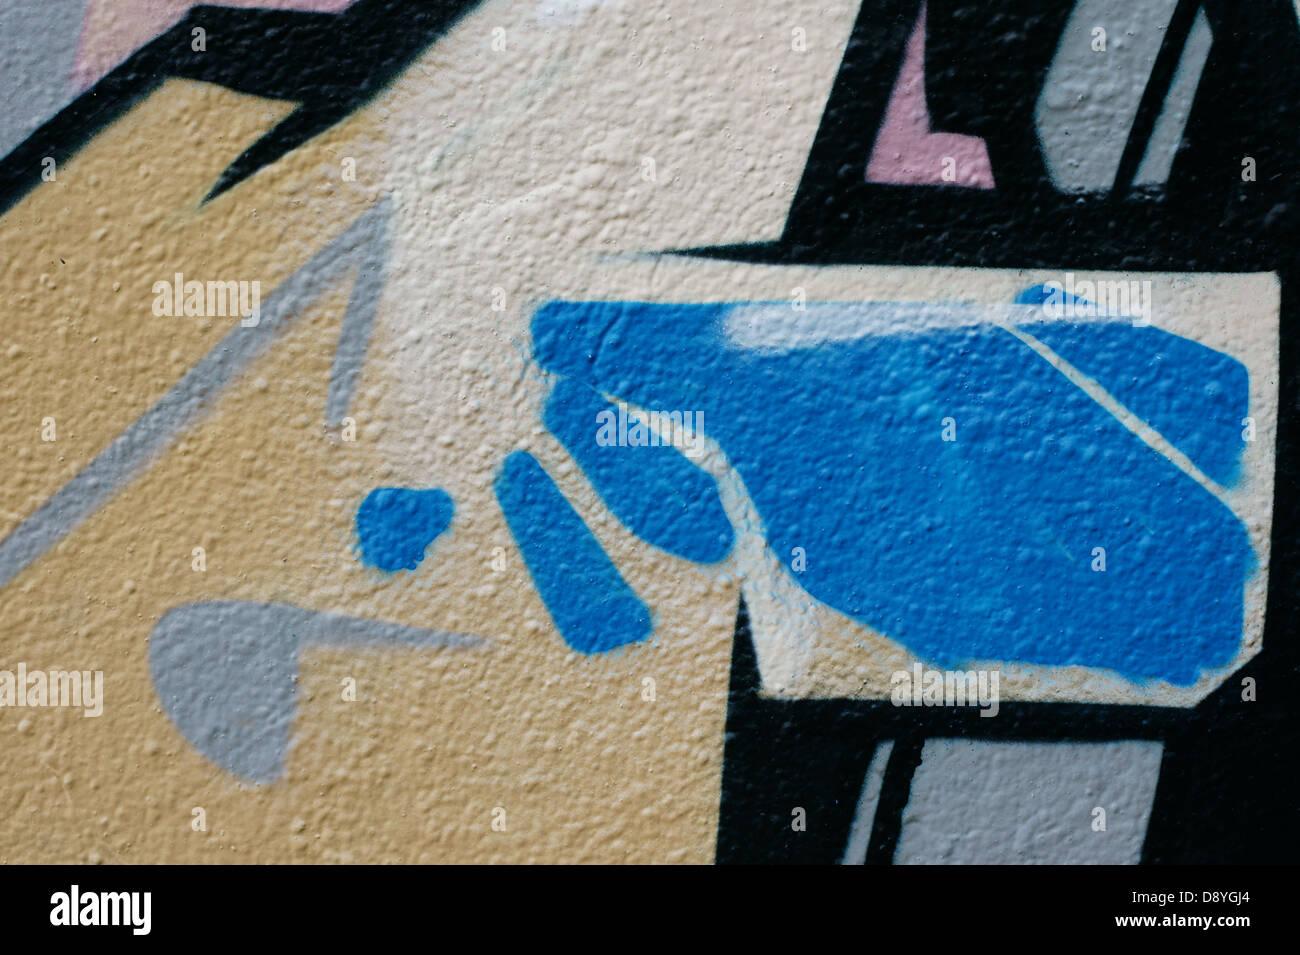 Graffiti on a wall Stock Photo